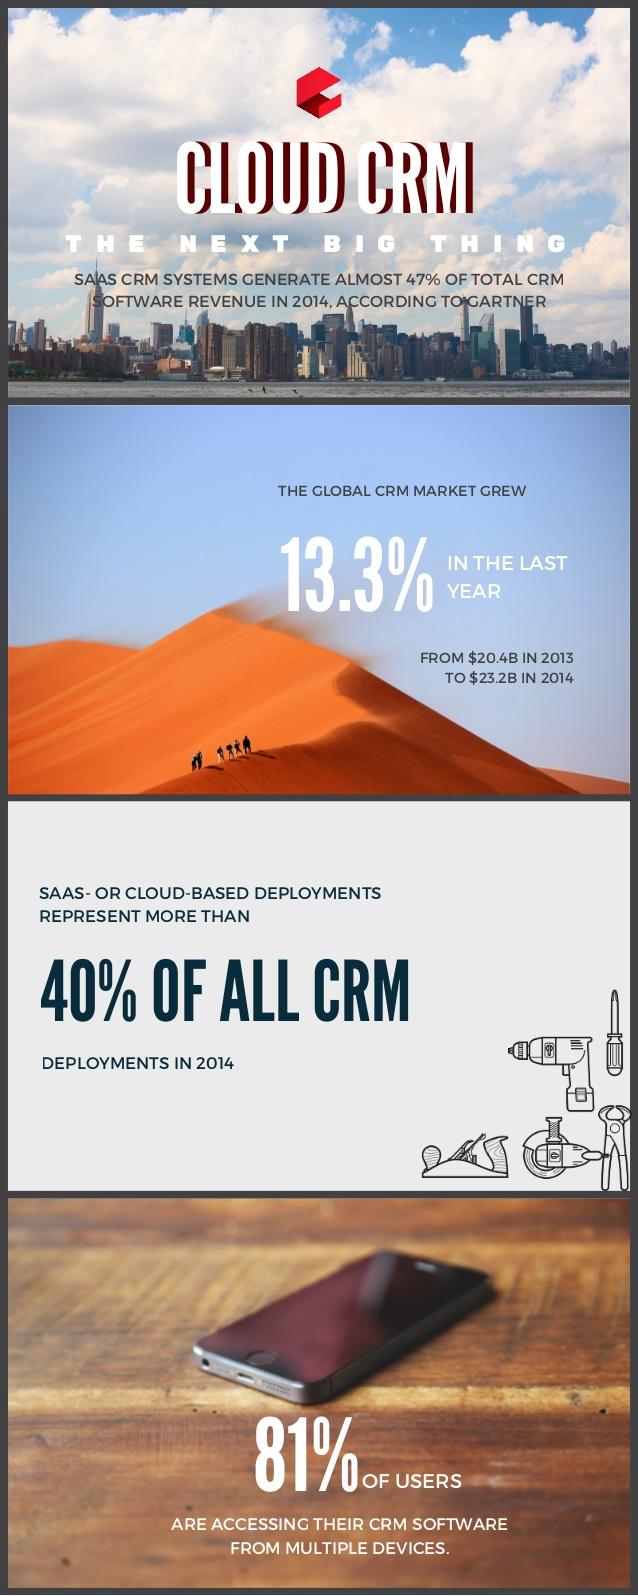 Siguen creciendo los CRM en la Nube